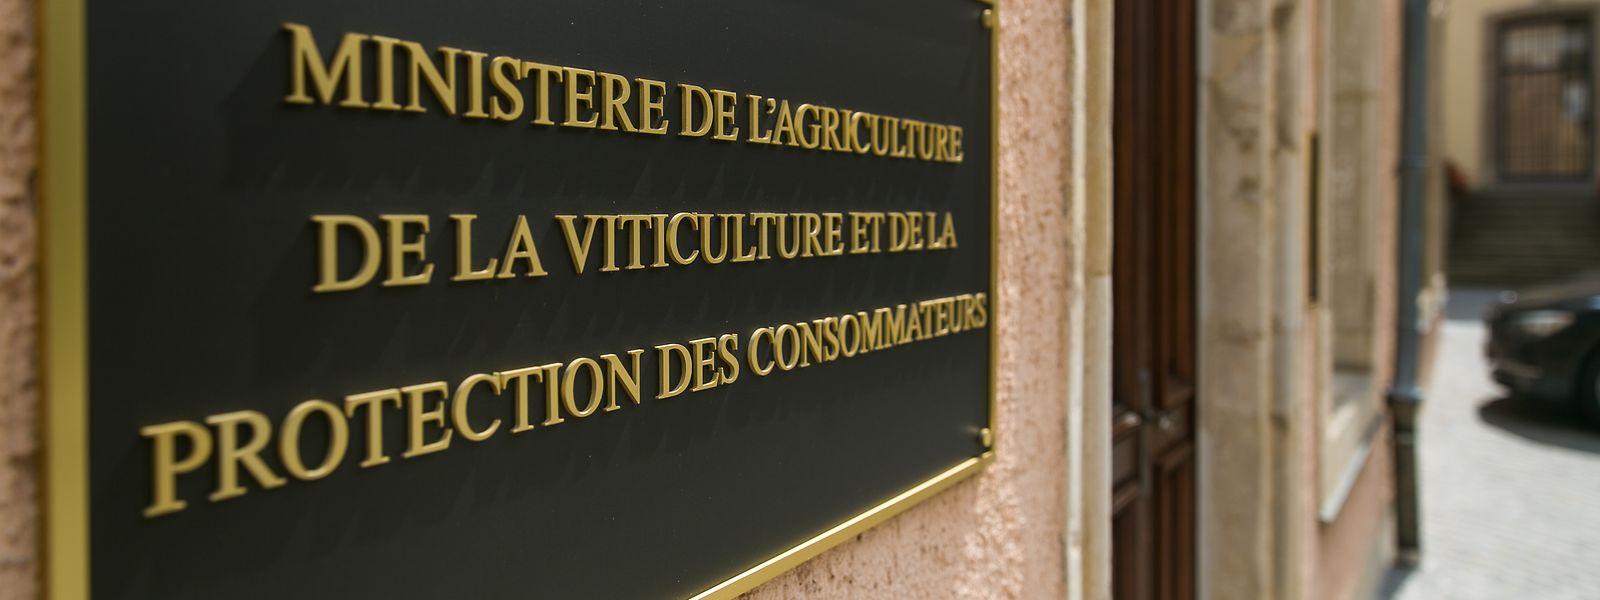 Le ministère de la Protection des consommateurs est encouragé «à avancer rapidement avec le projet de loi sur le recours collectif en préparation au Luxembourg»